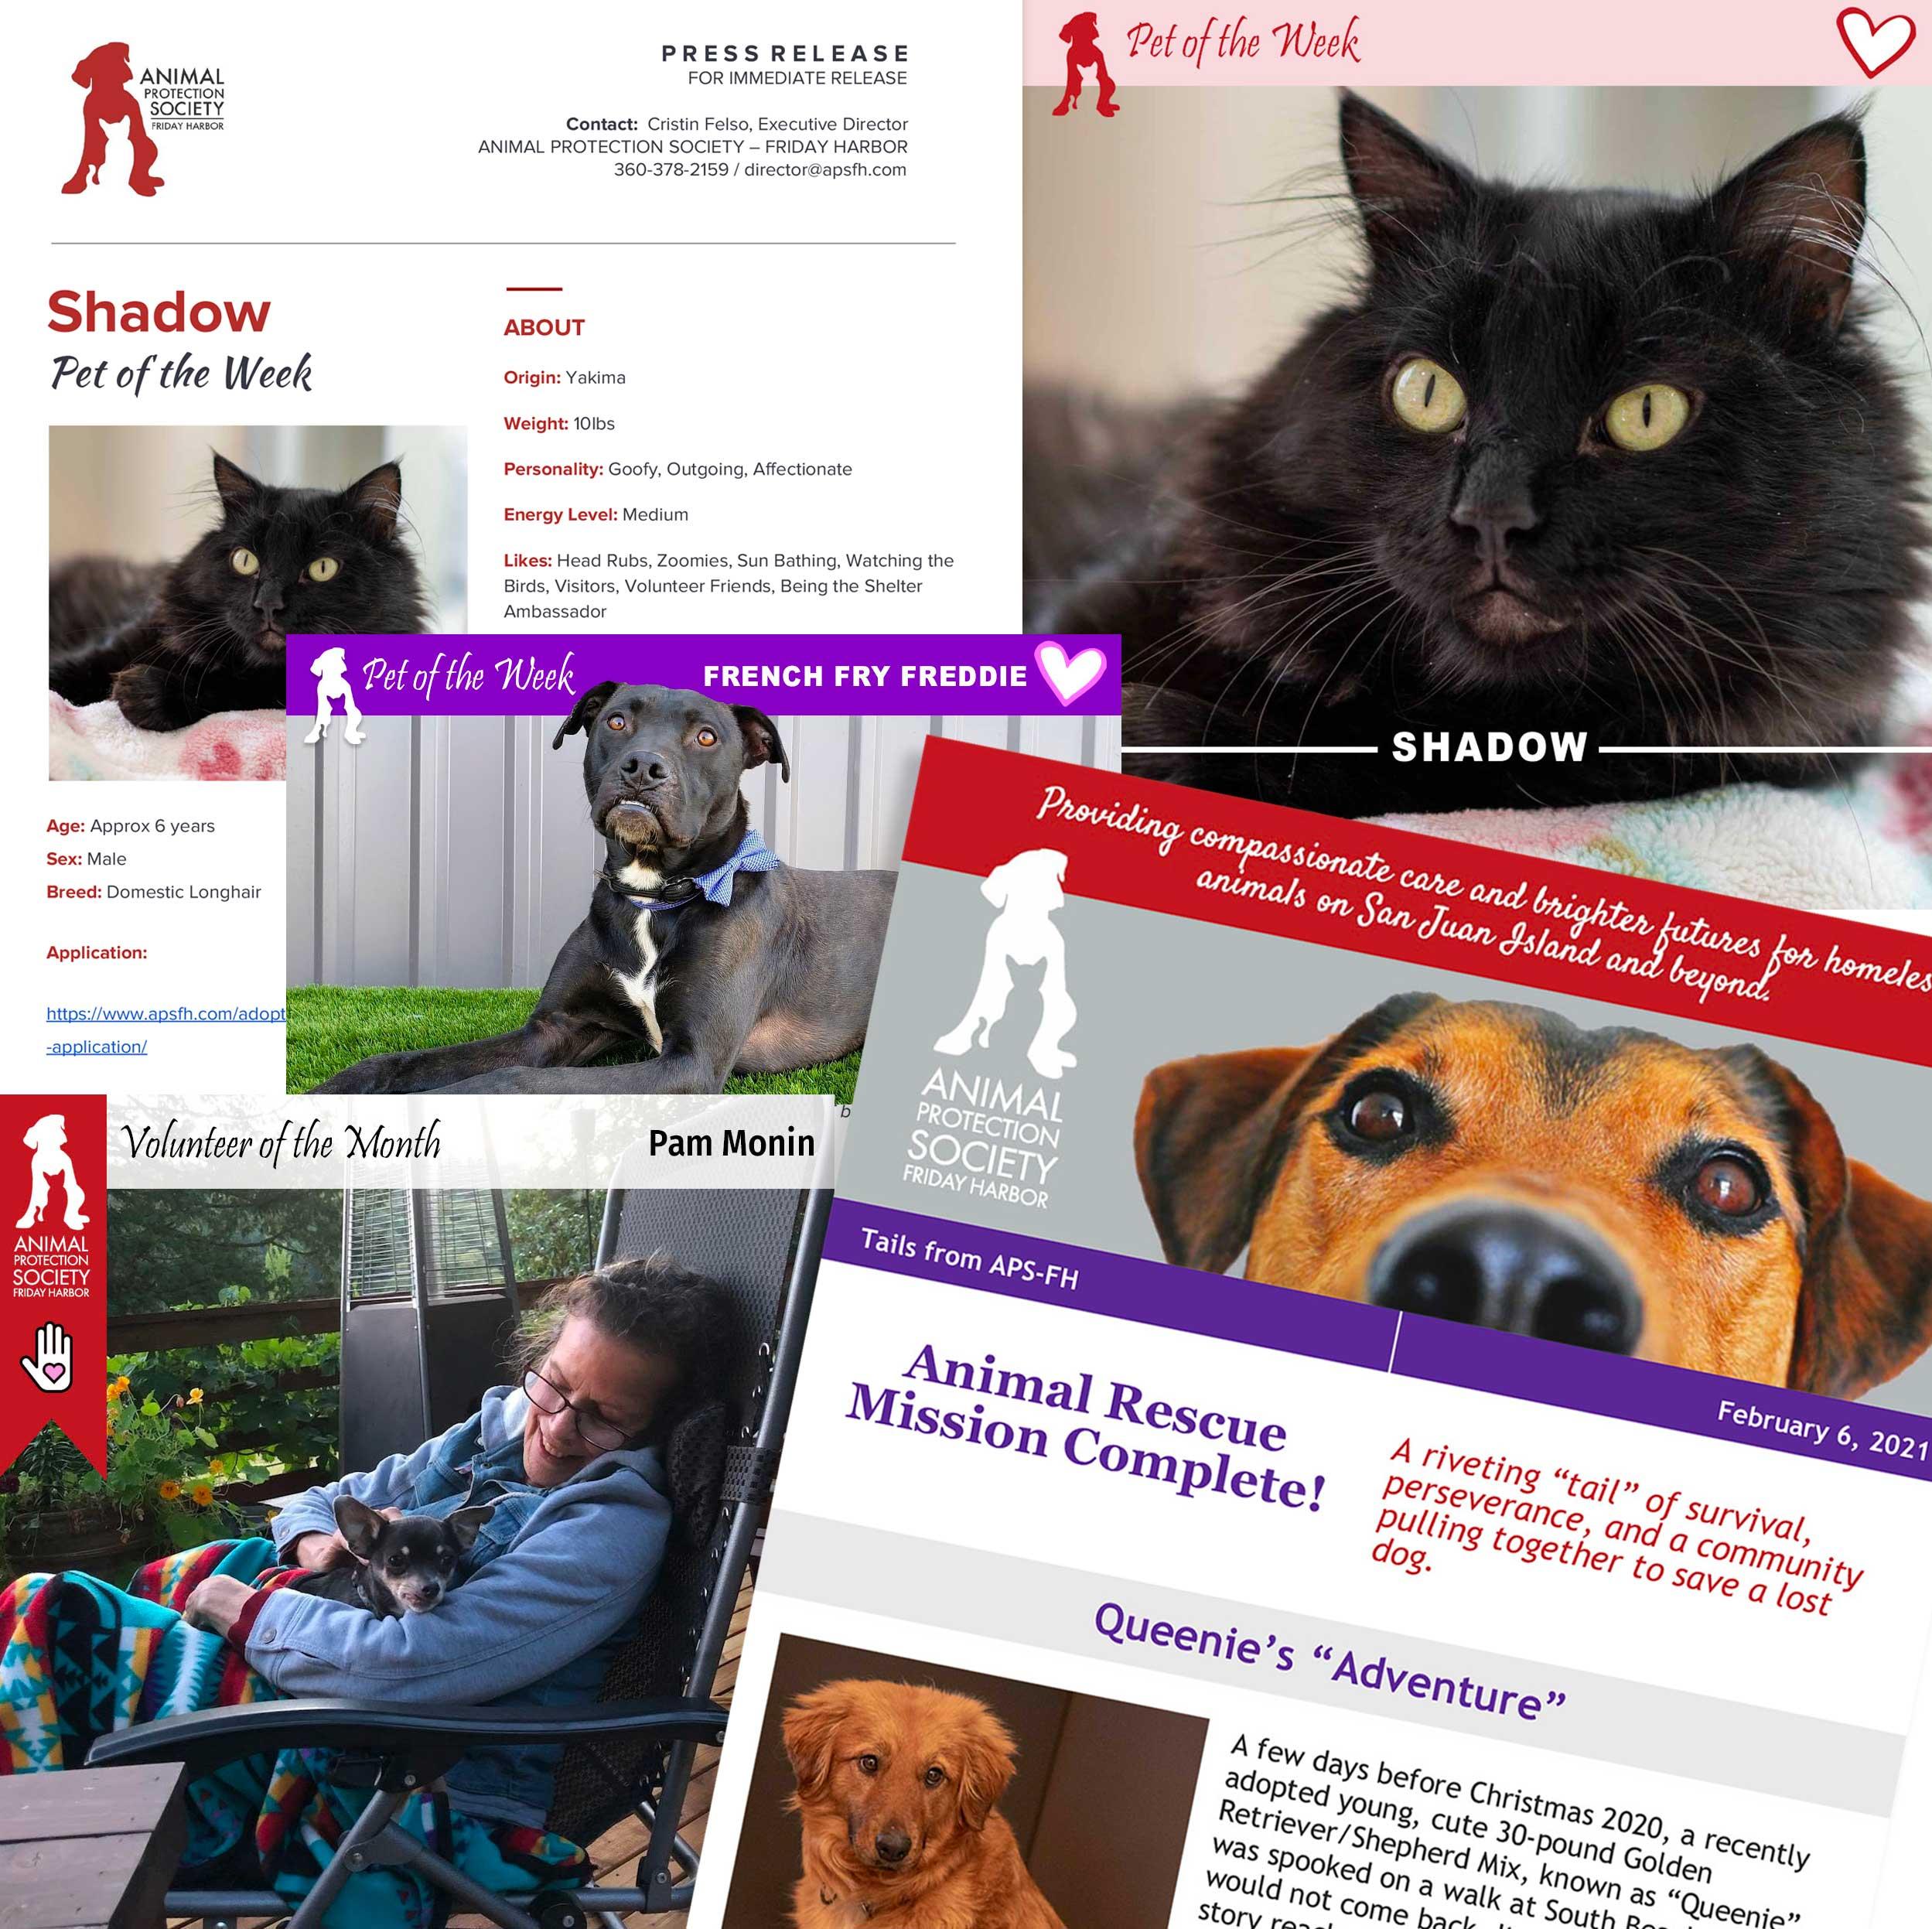 APSFH-CCnewsletter-SocialMediaAds-PressRelease